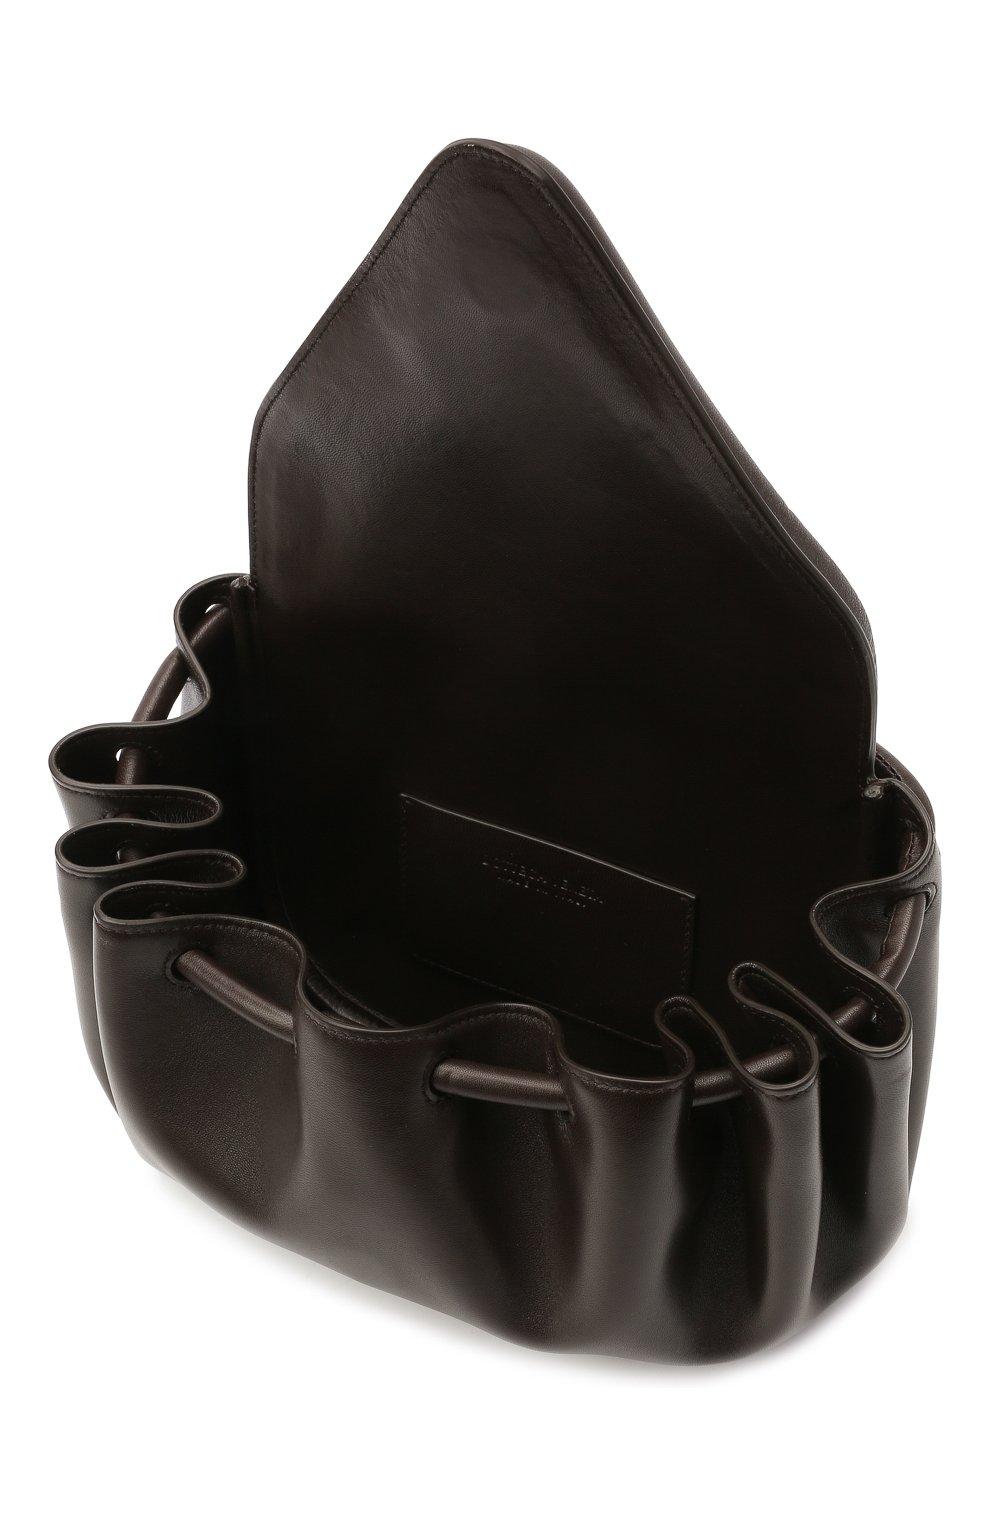 Женская сумка beak medium BOTTEGA VENETA темно-коричневого цвета, арт. 658523/VCP30   Фото 4 (Сумки-технические: Сумки через плечо; Размер: medium; Материал: Натуральная кожа)